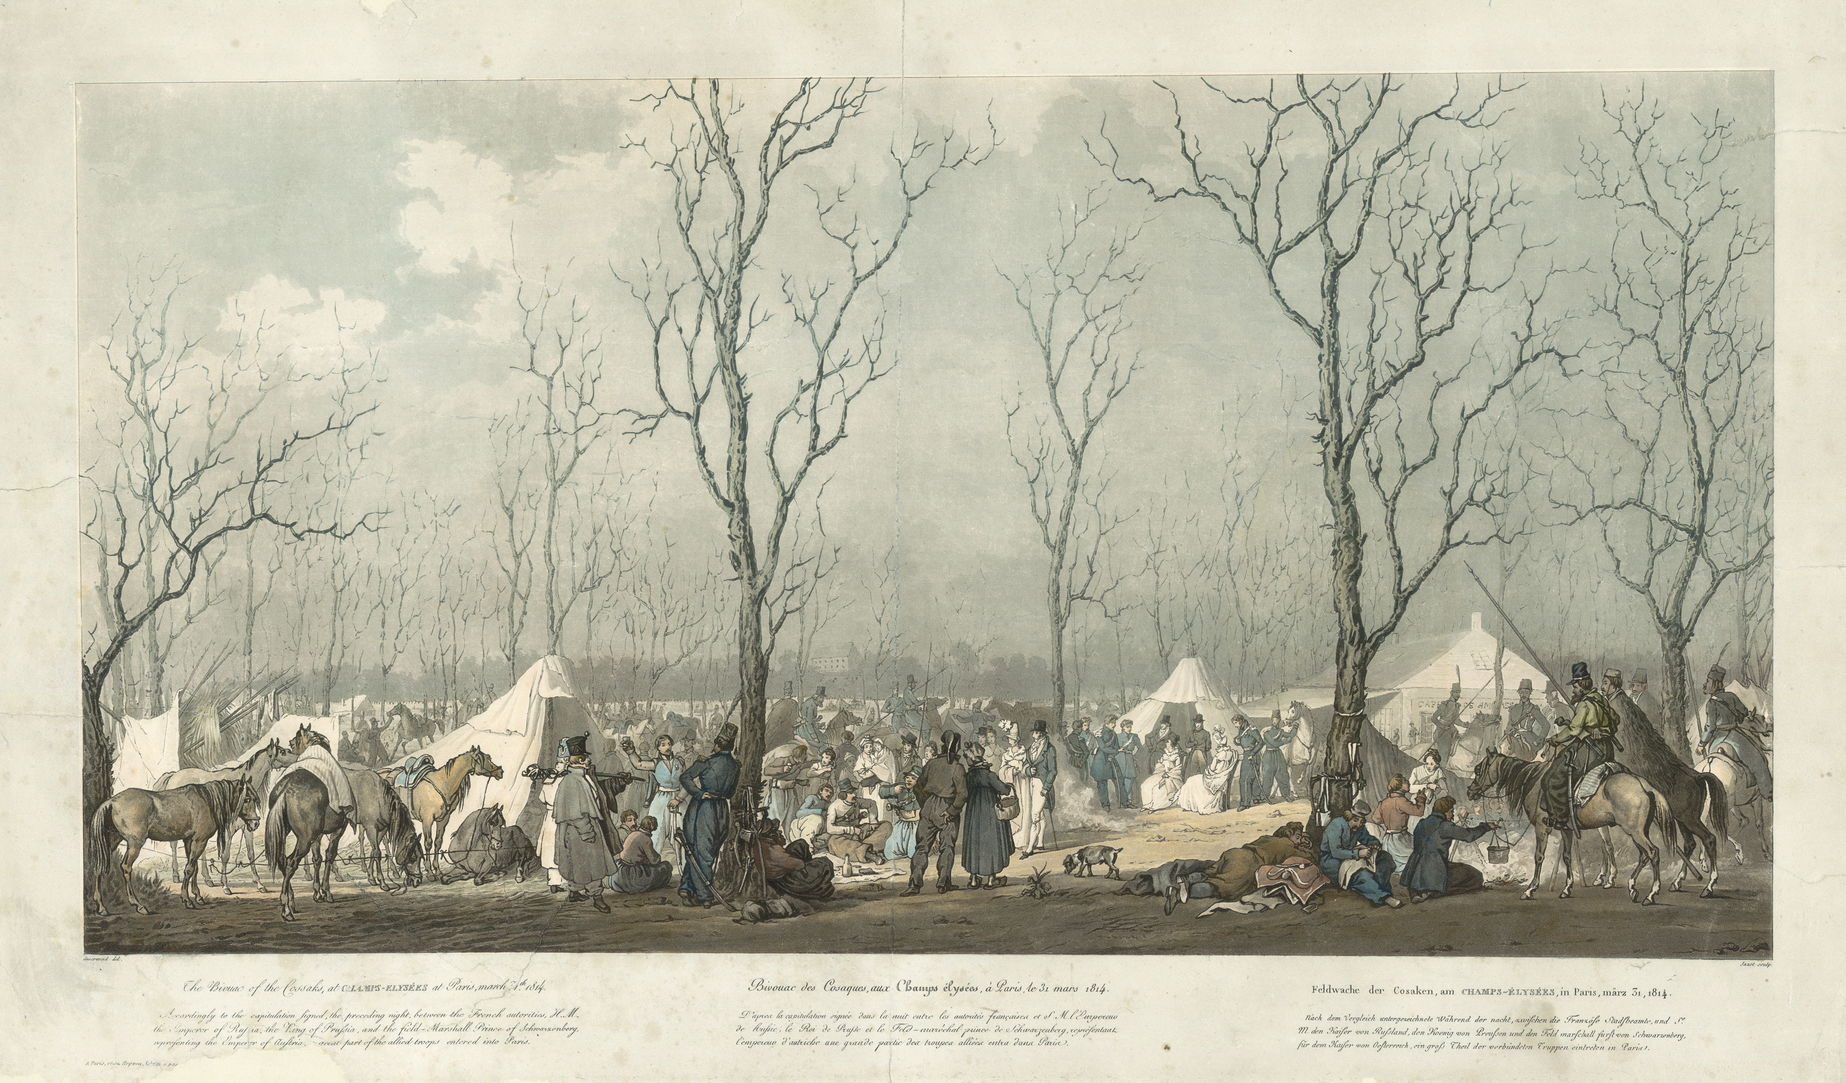 ГравюраЖ.П. Жазе по рисунку А.И. Зауервейда Бивуак казаков на Елисейских полях в Париже 31 марта 1814 года, 1810-е гг.